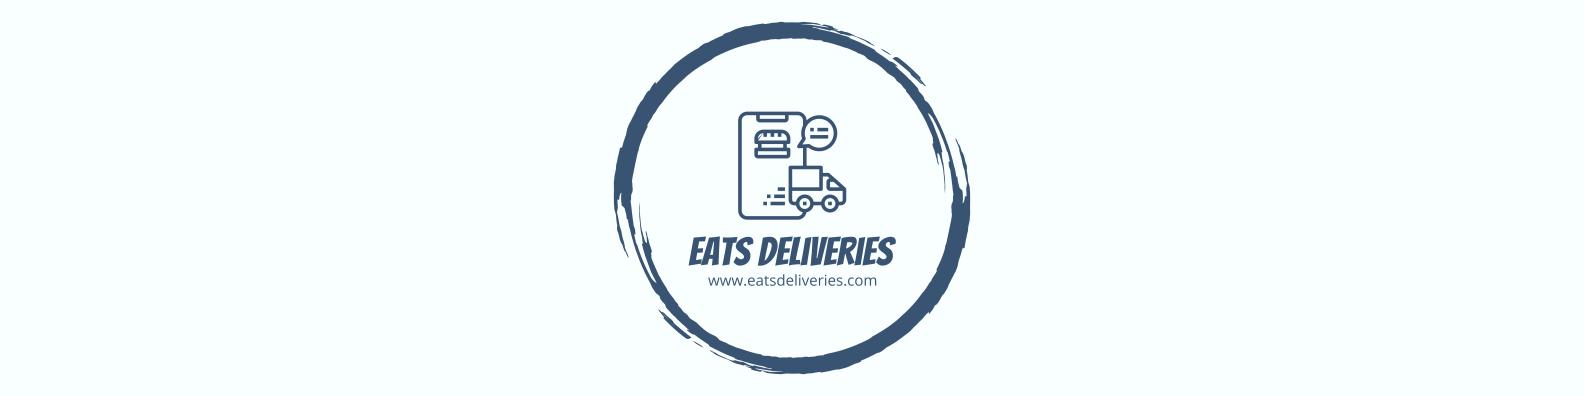 Eats Deliveries